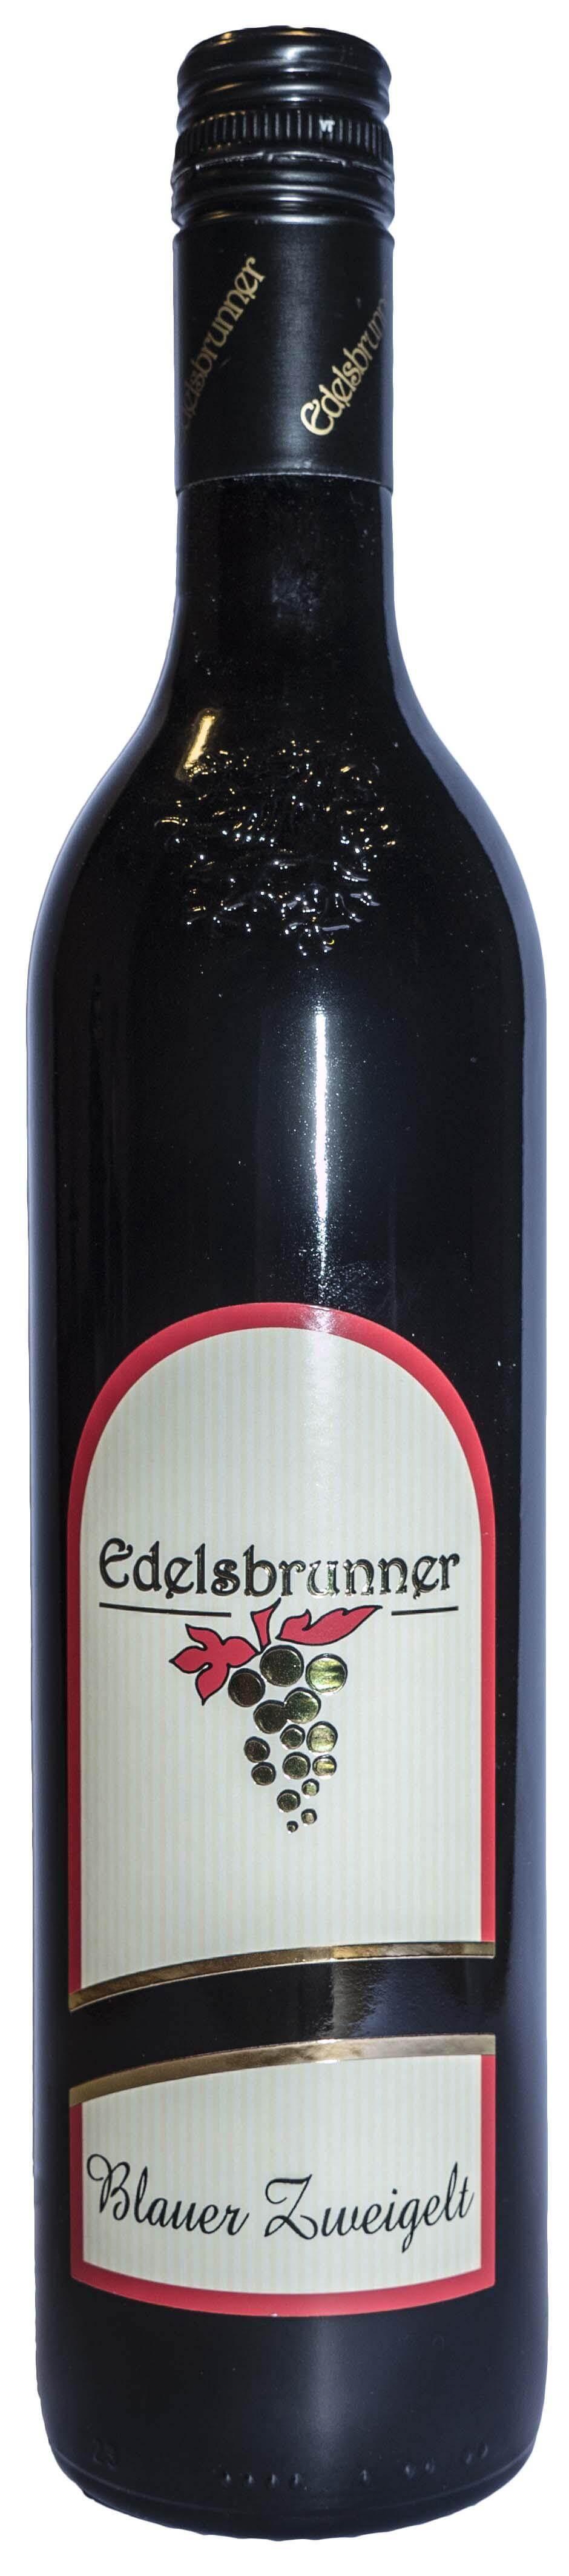 Blauer Zweigelt  2013 / Edelsbrunner